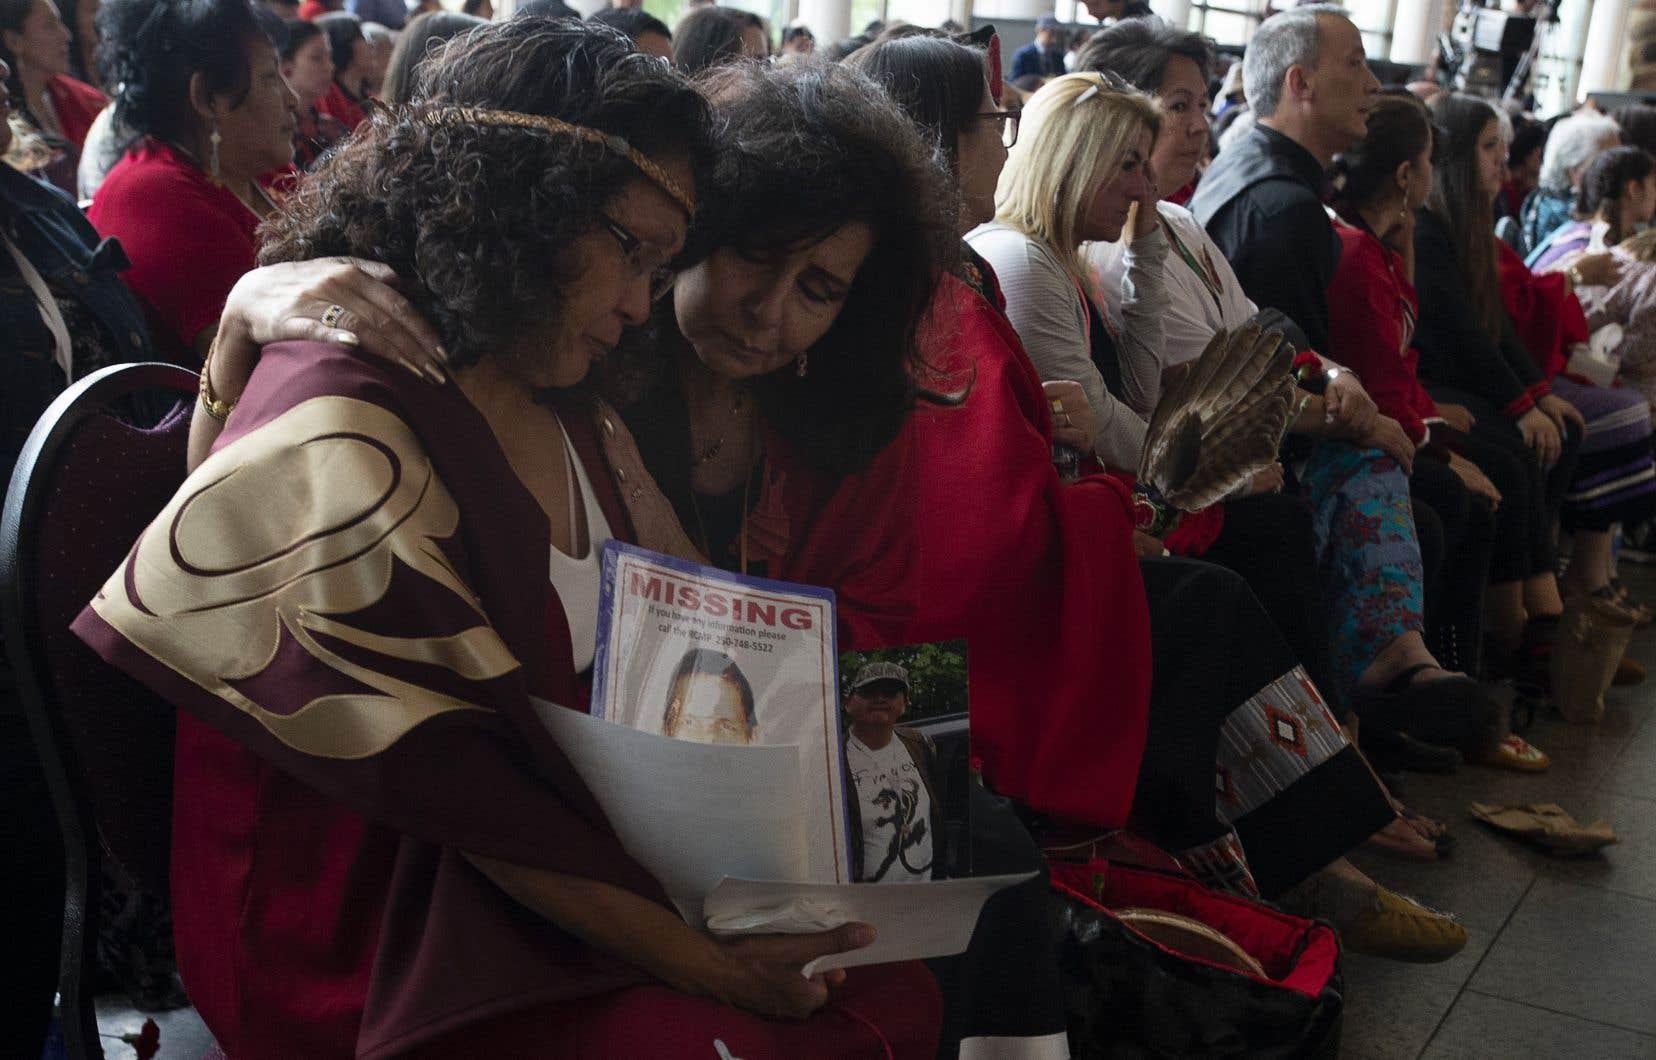 Les femmes autochtones du pays et leurs familles ont regardé attentivement le dévoilement du rapport de la commission d'enquête lors d'une cérémonie à Gatineau, lundi.